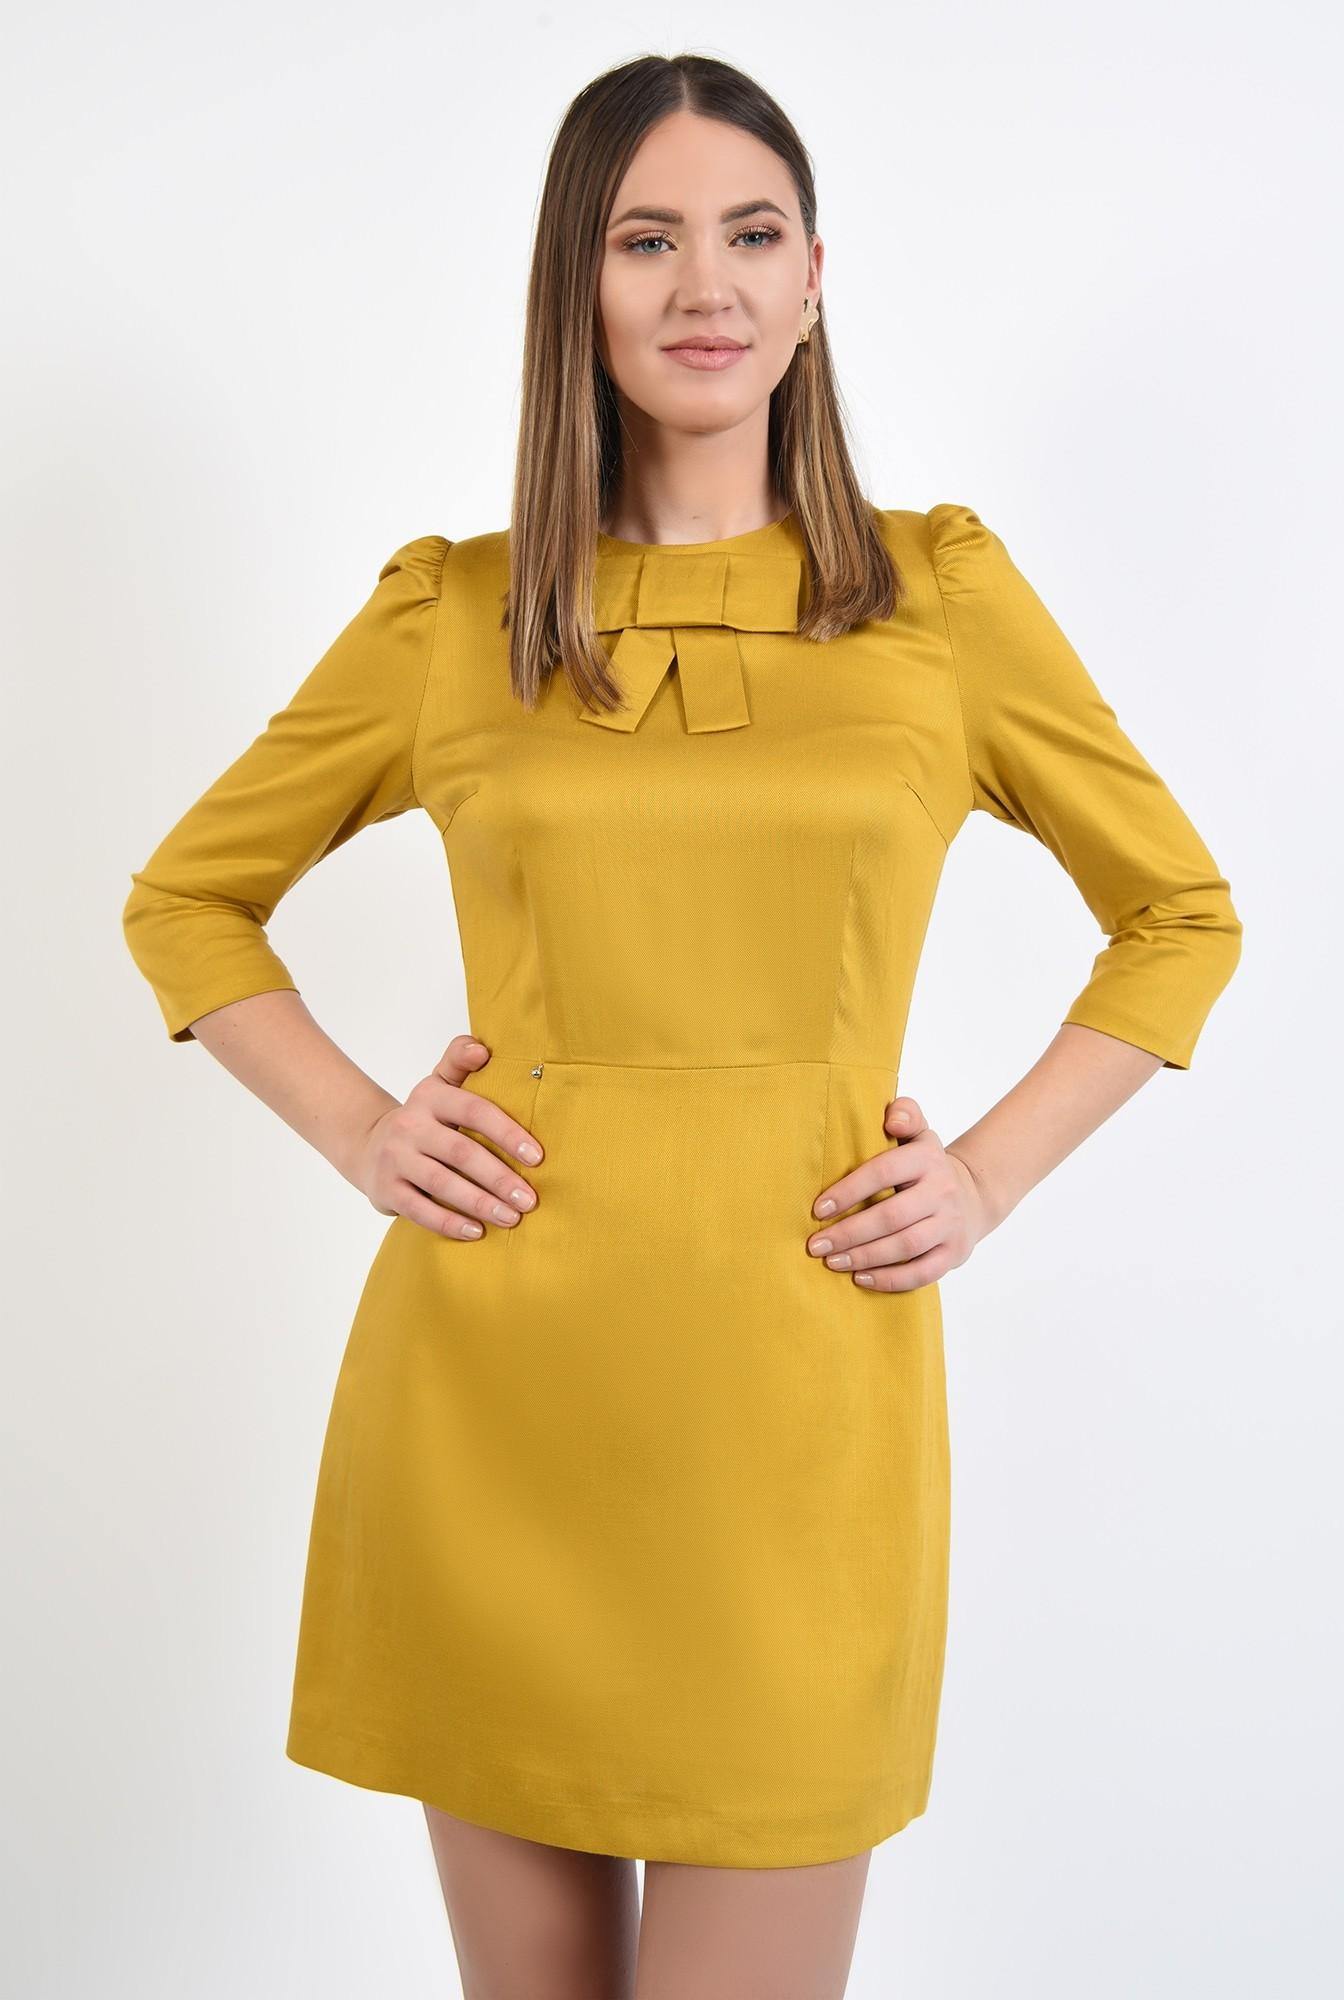 2 - rochie casual, mustar, cu funda, maneci 3/4, rochie din in